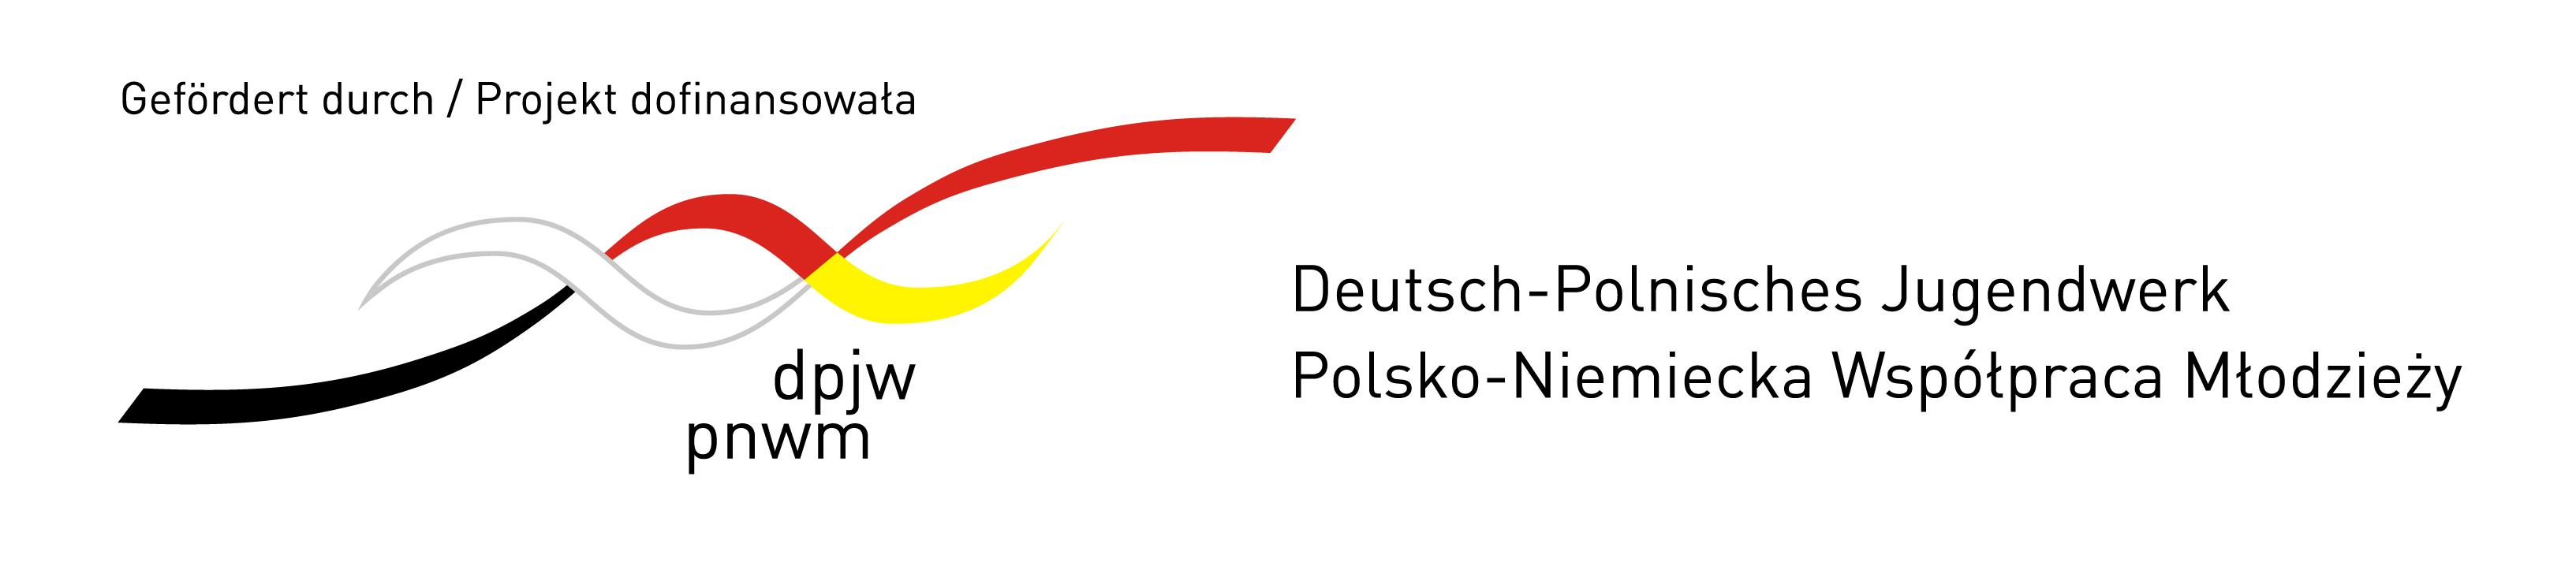 DPJW-Logo